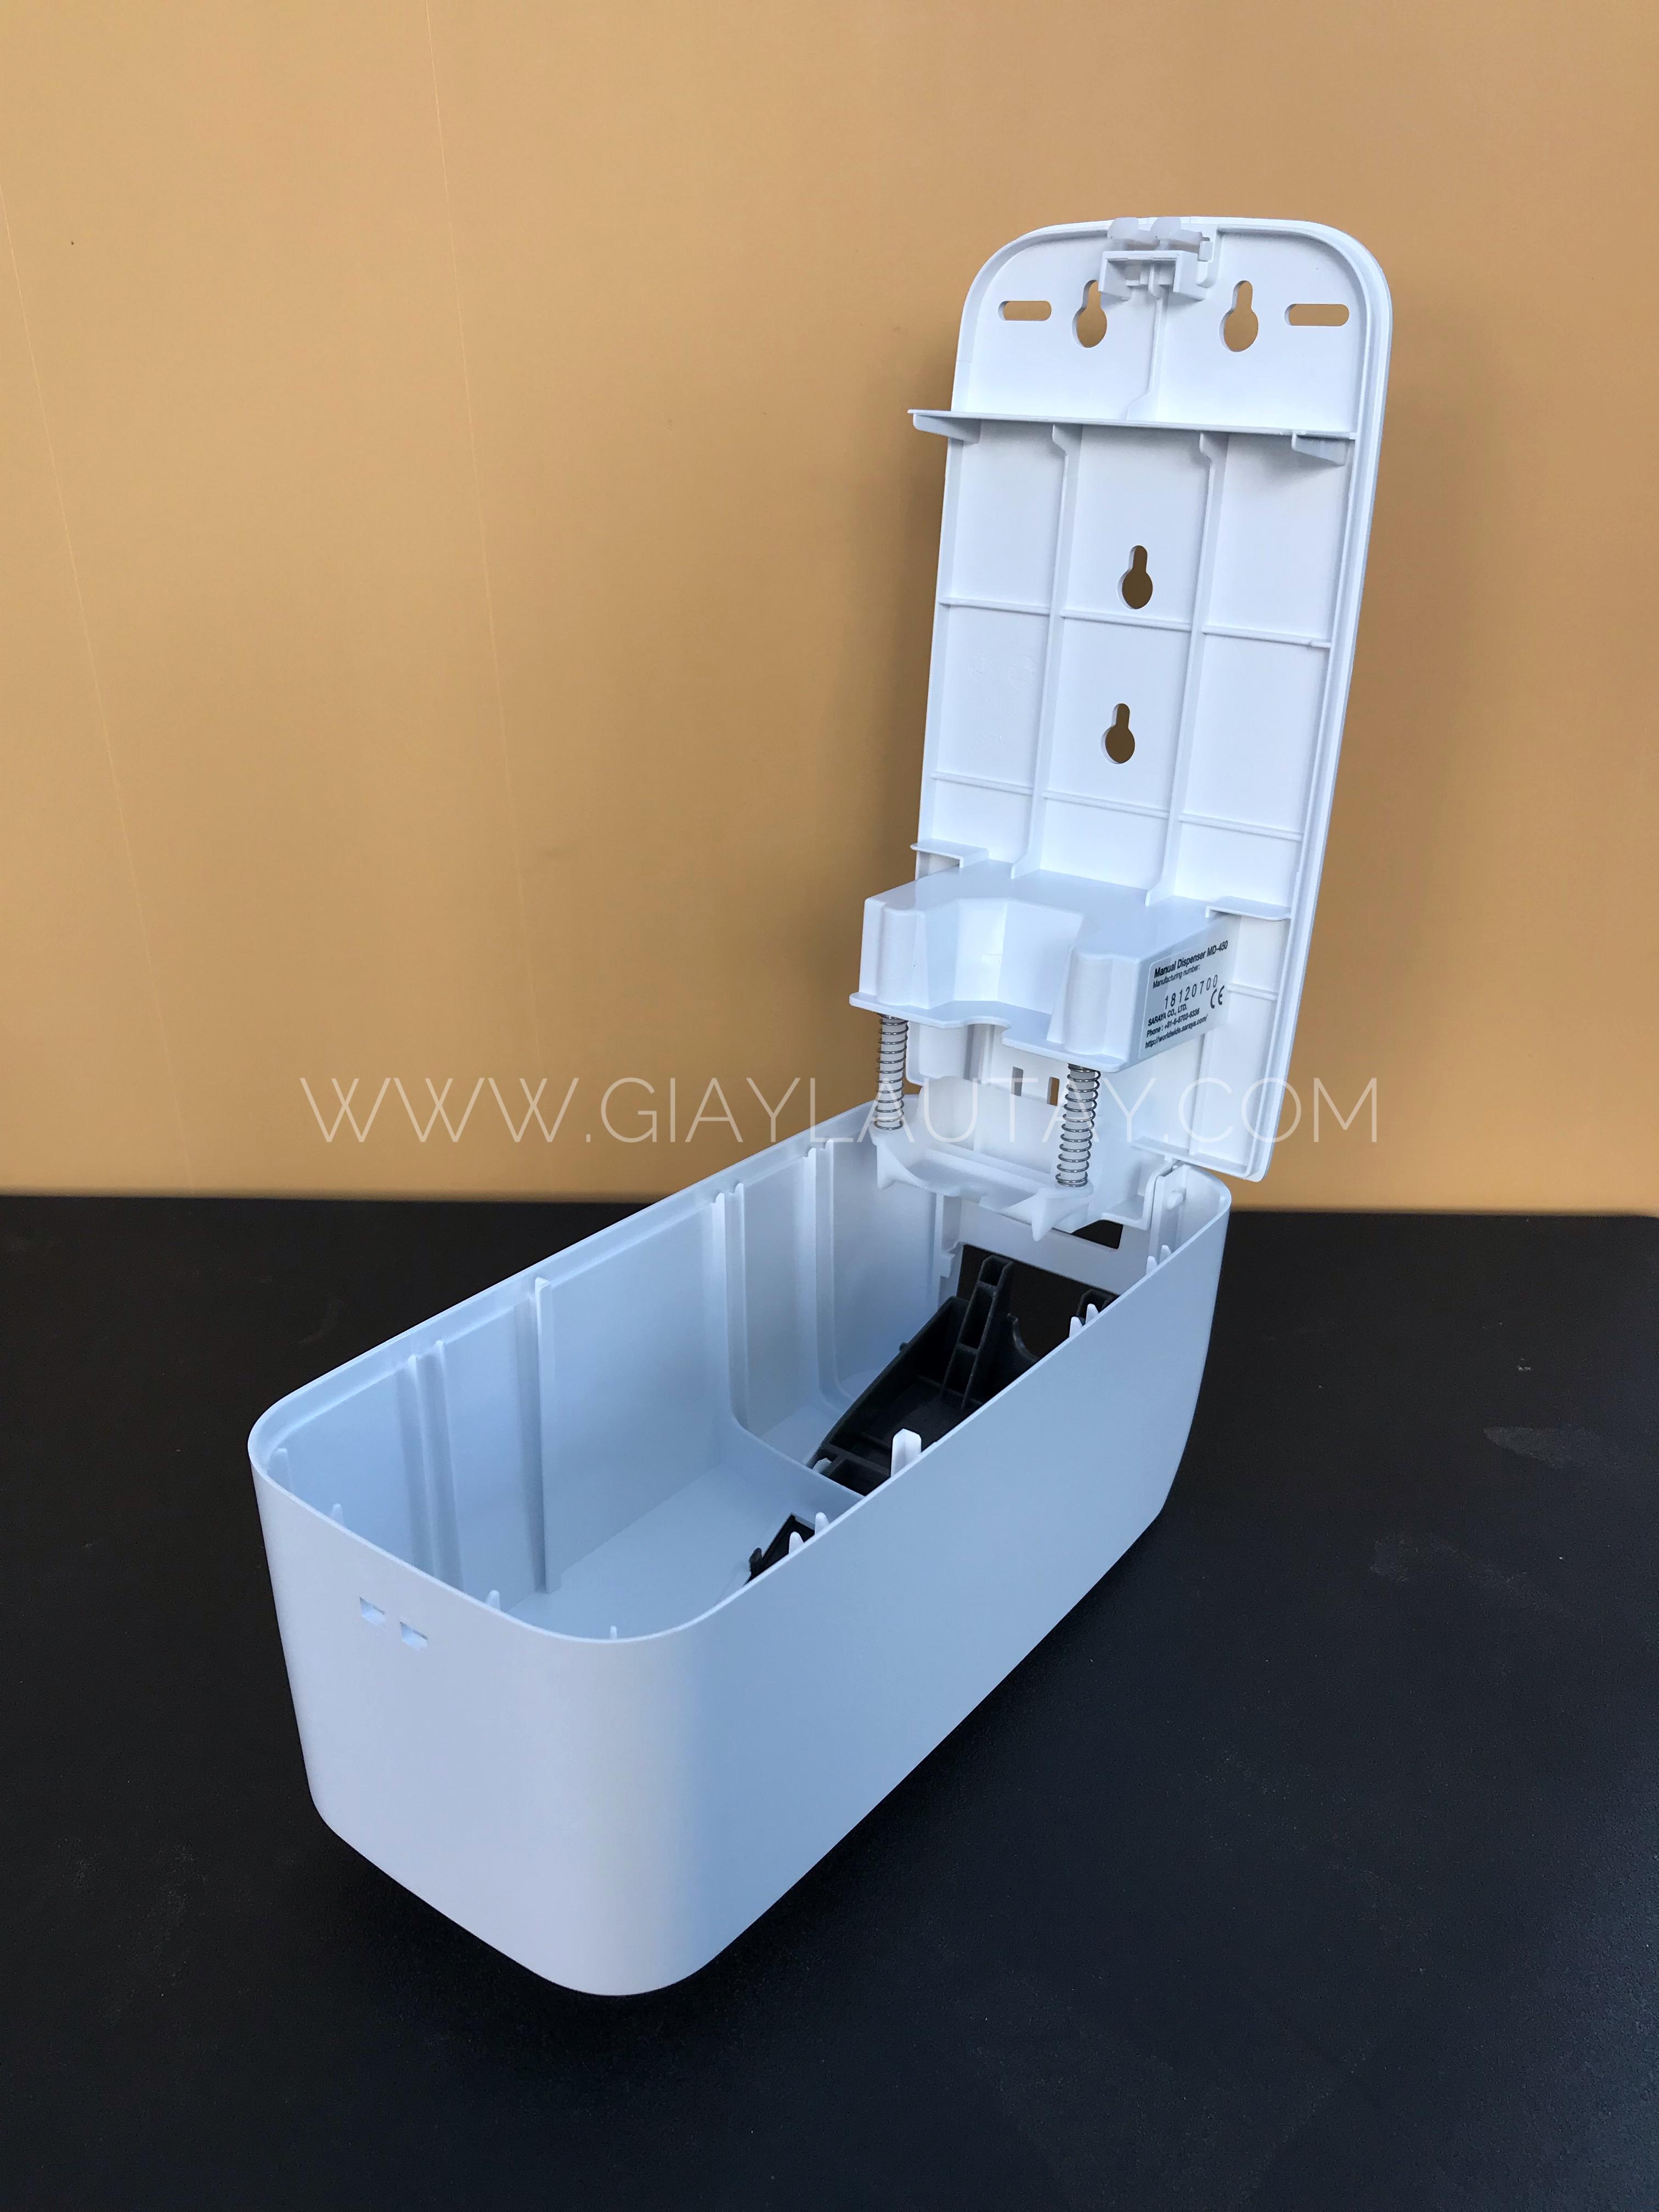 Bình đựng nước rửa tay/ cồn sát khuẩn nút nhấn cao cấp hãng Saraya mã MD-450